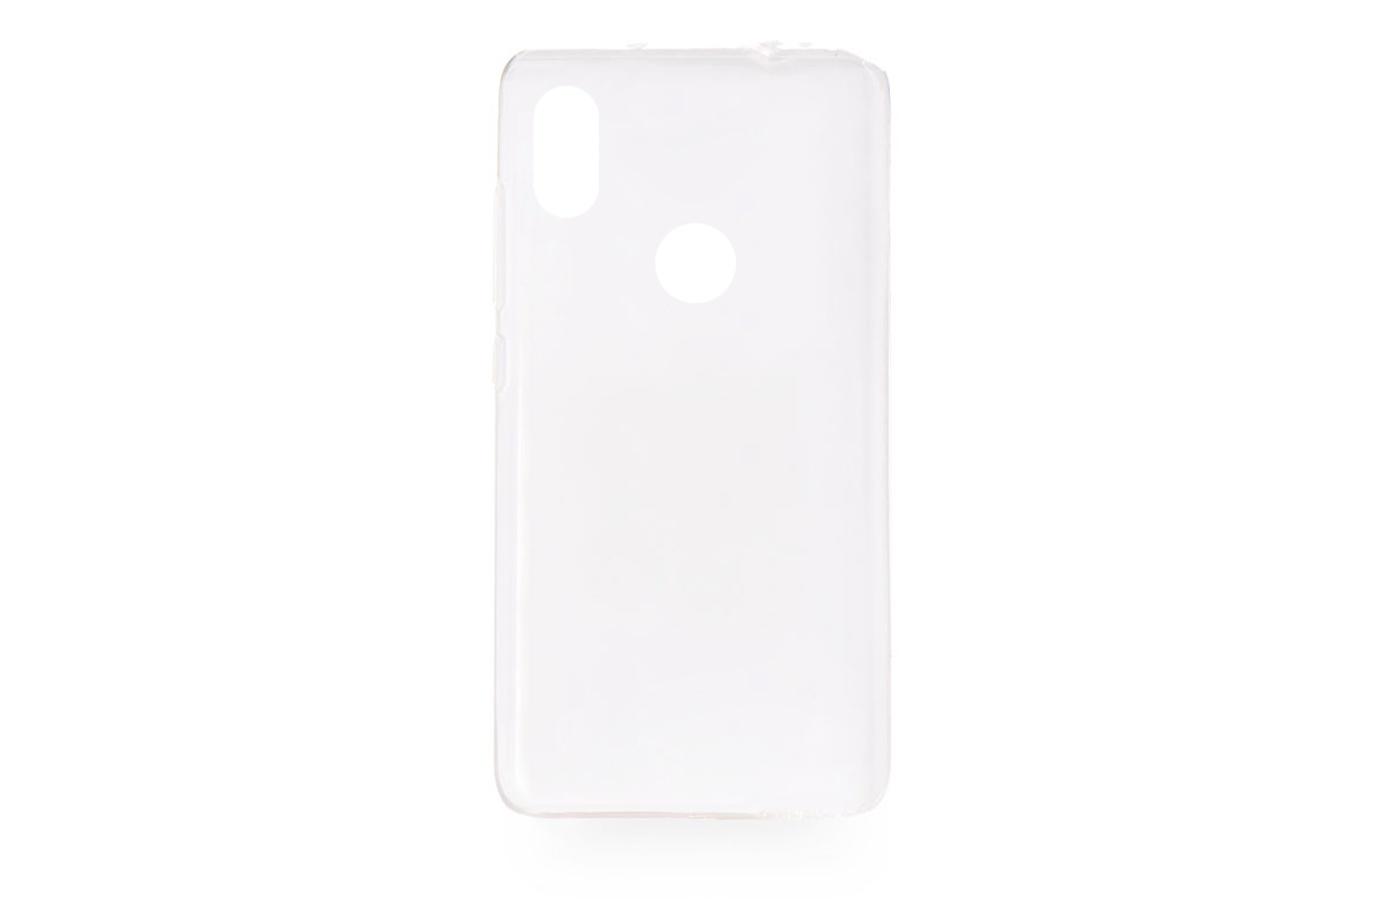 Чехол для сотового телефона Gurdini Чехол накладка силикон высокотехнологичный для Xiaomi Redmi S2, 906202, прозрачный